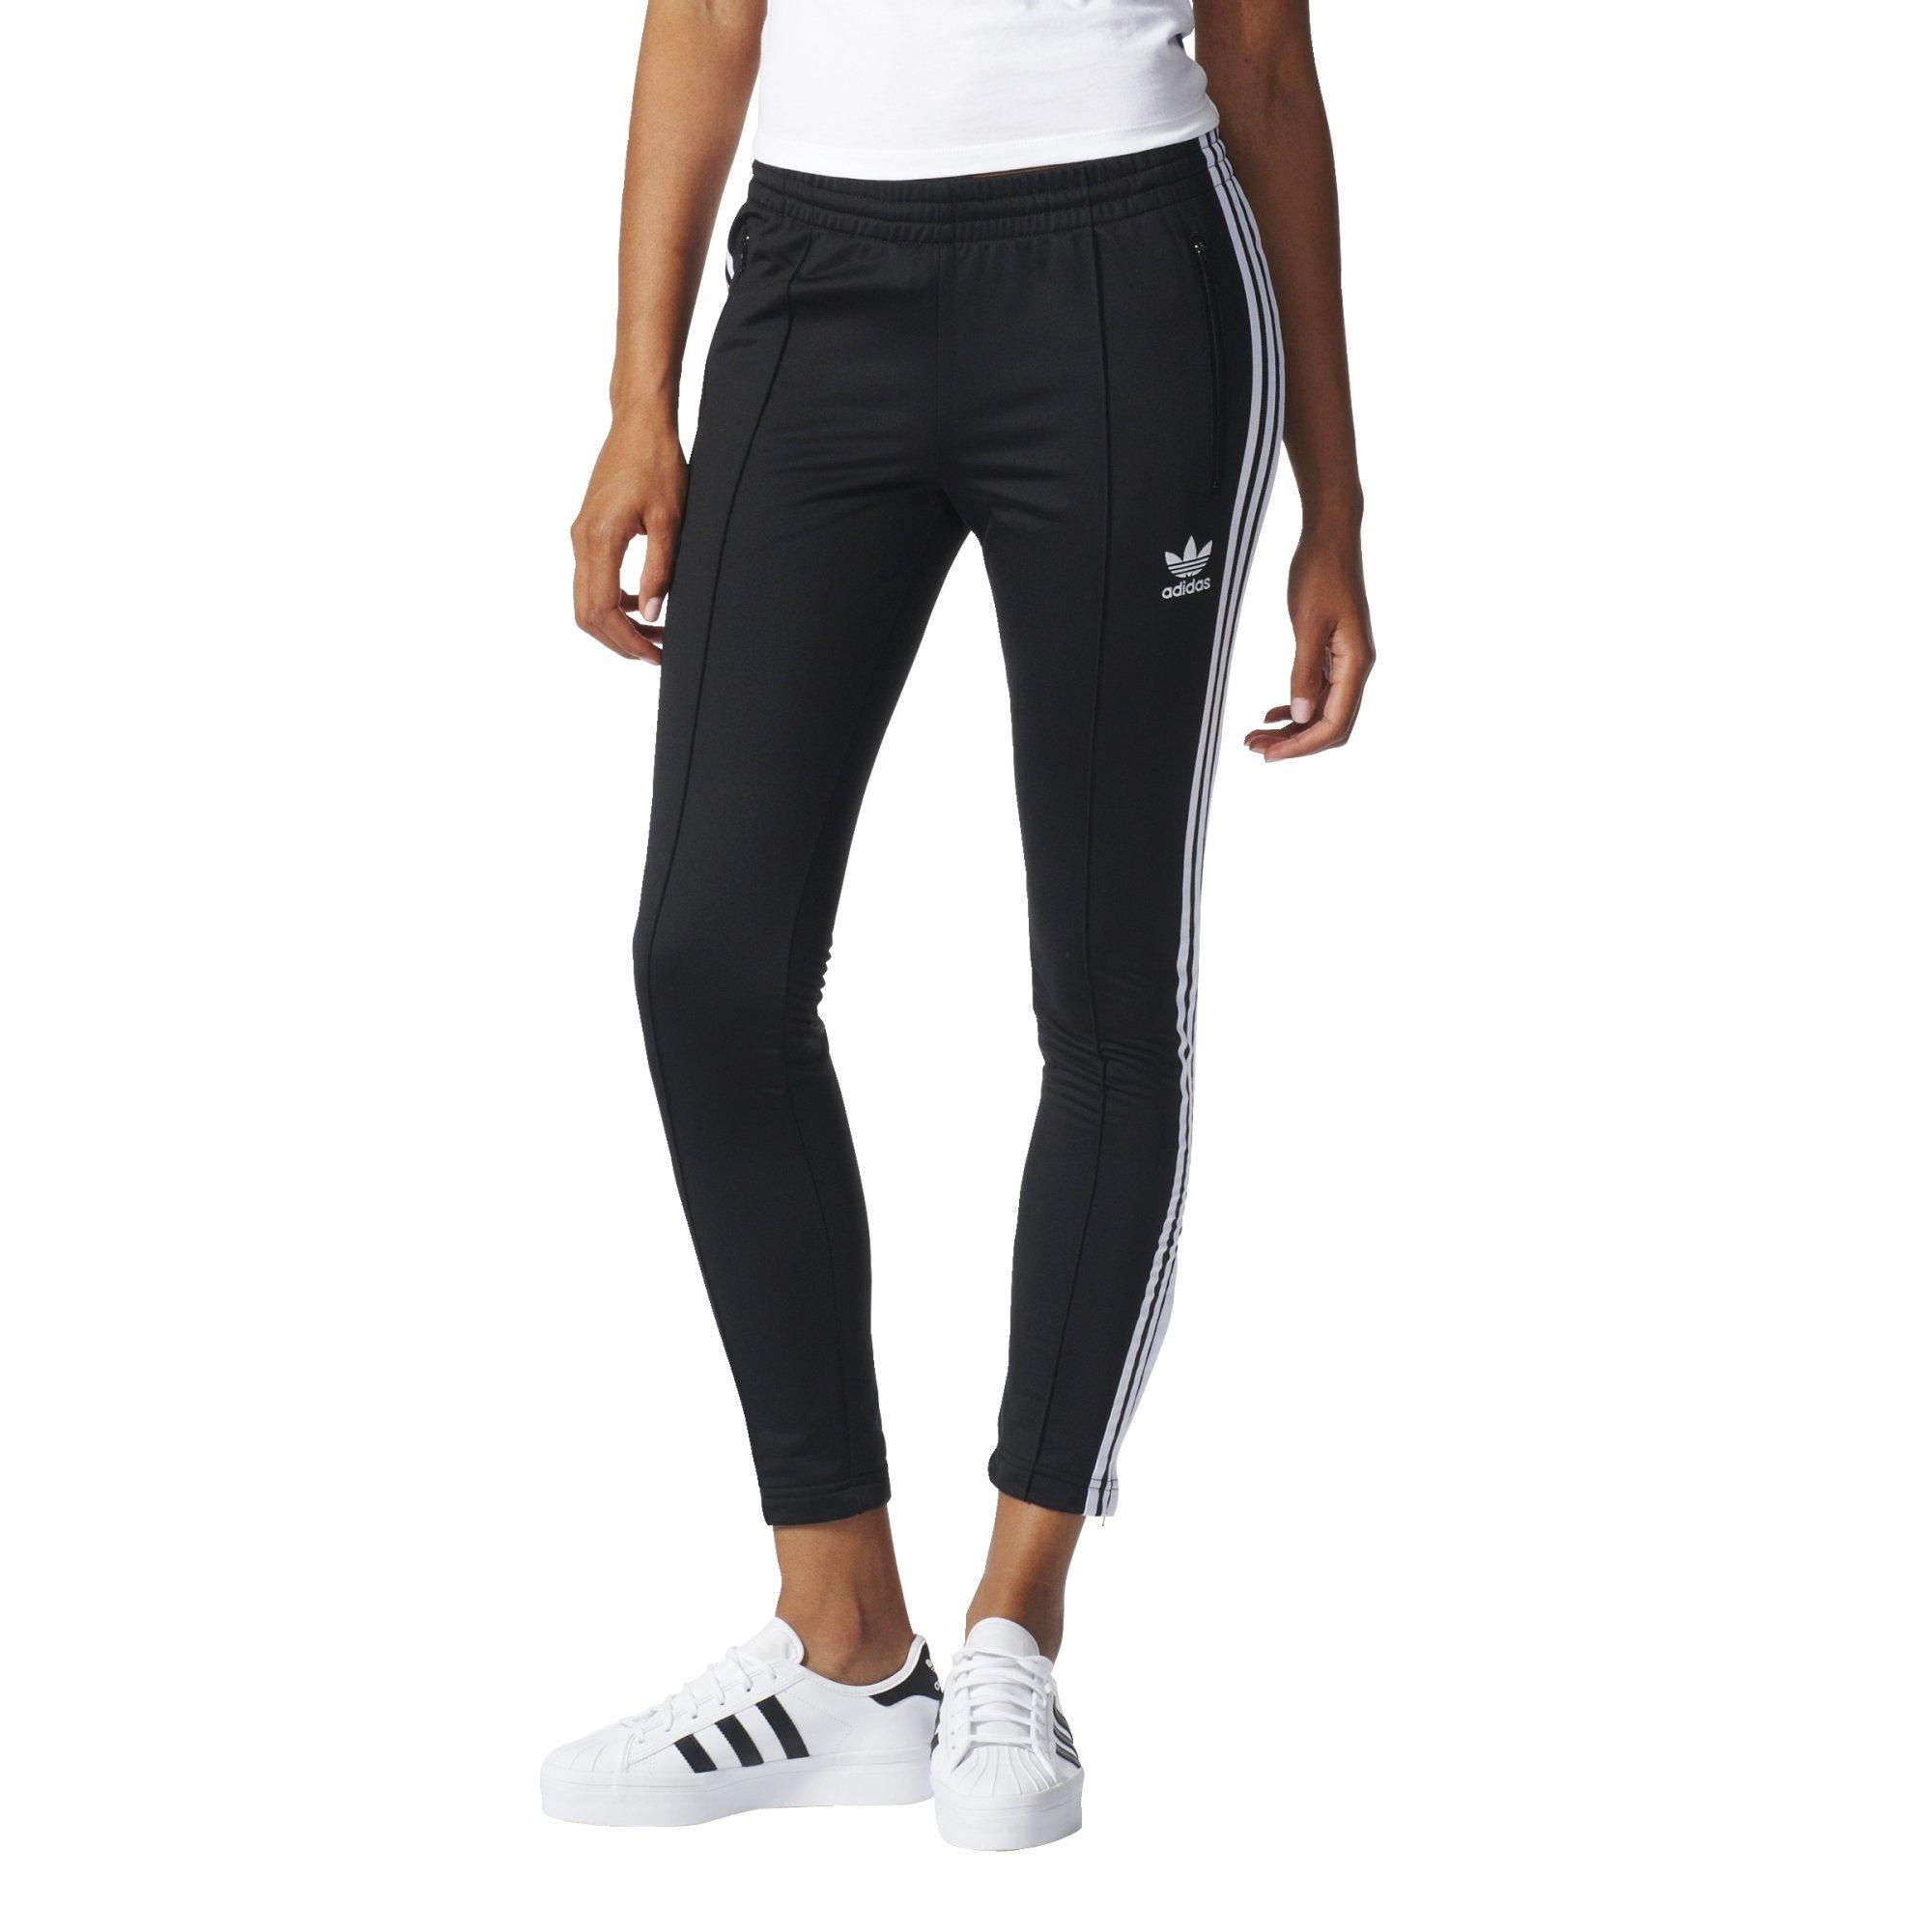 adidas Originals Women's Superstar Track Pant, Black/White, Medium